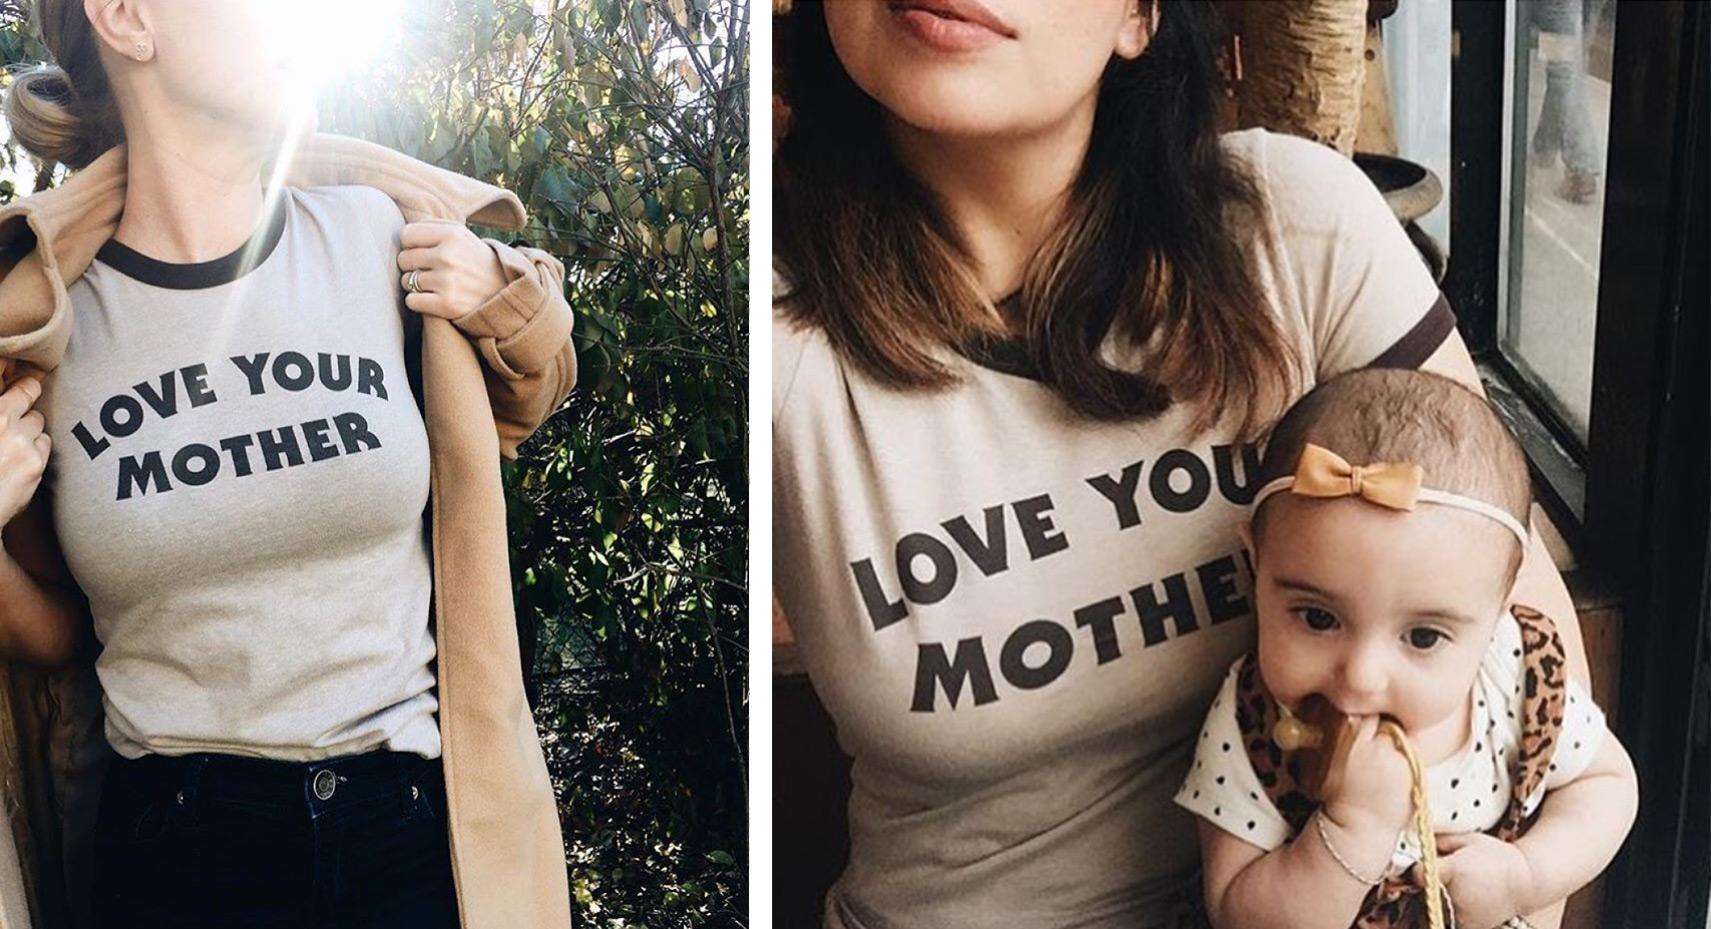 dp-blog-interview-thefoxandthebee-love-your-mother